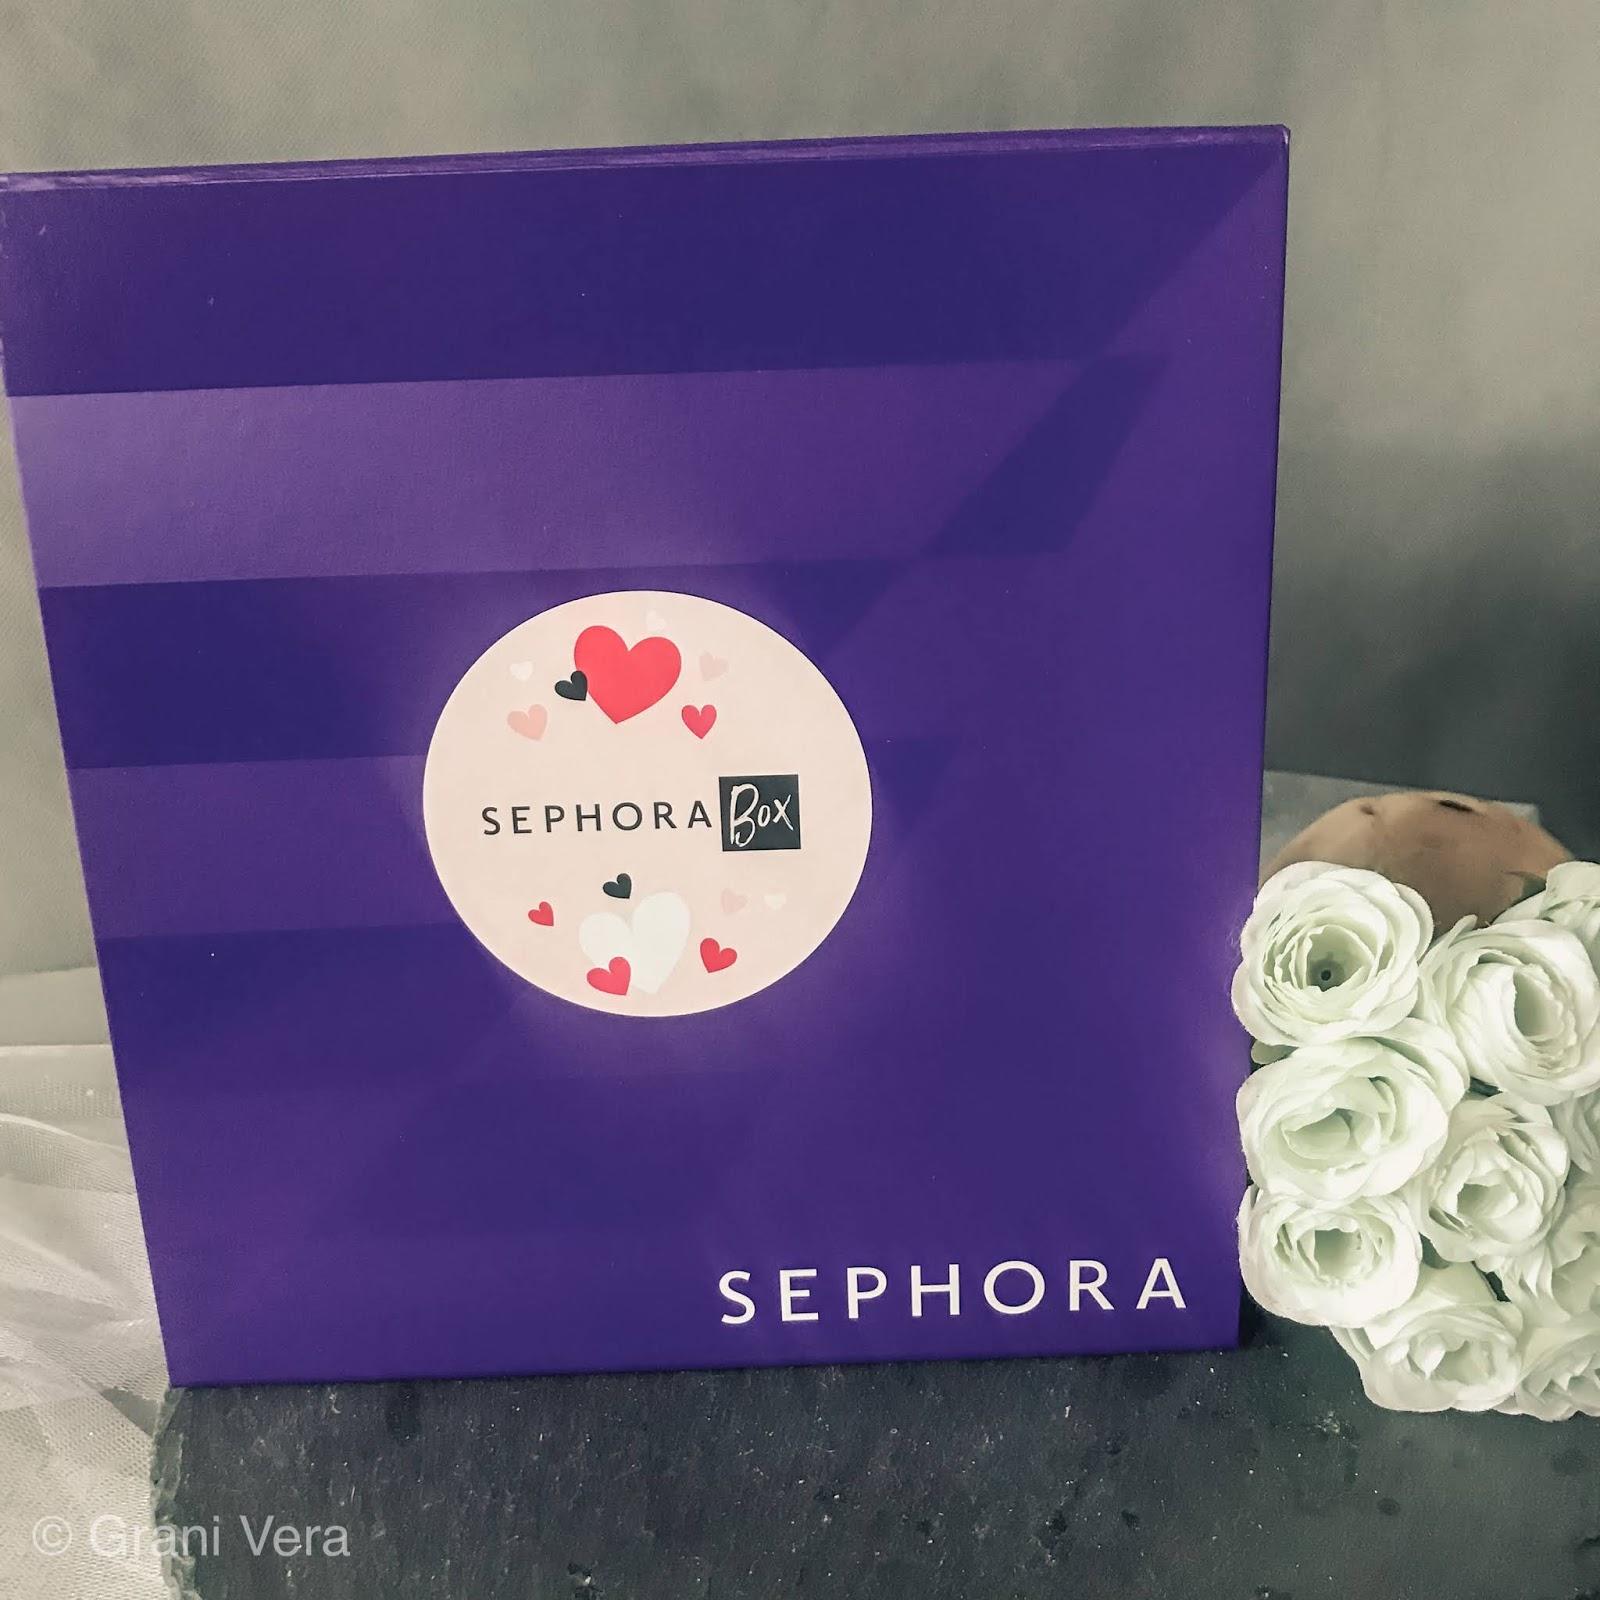 co zawiera Sephora Box